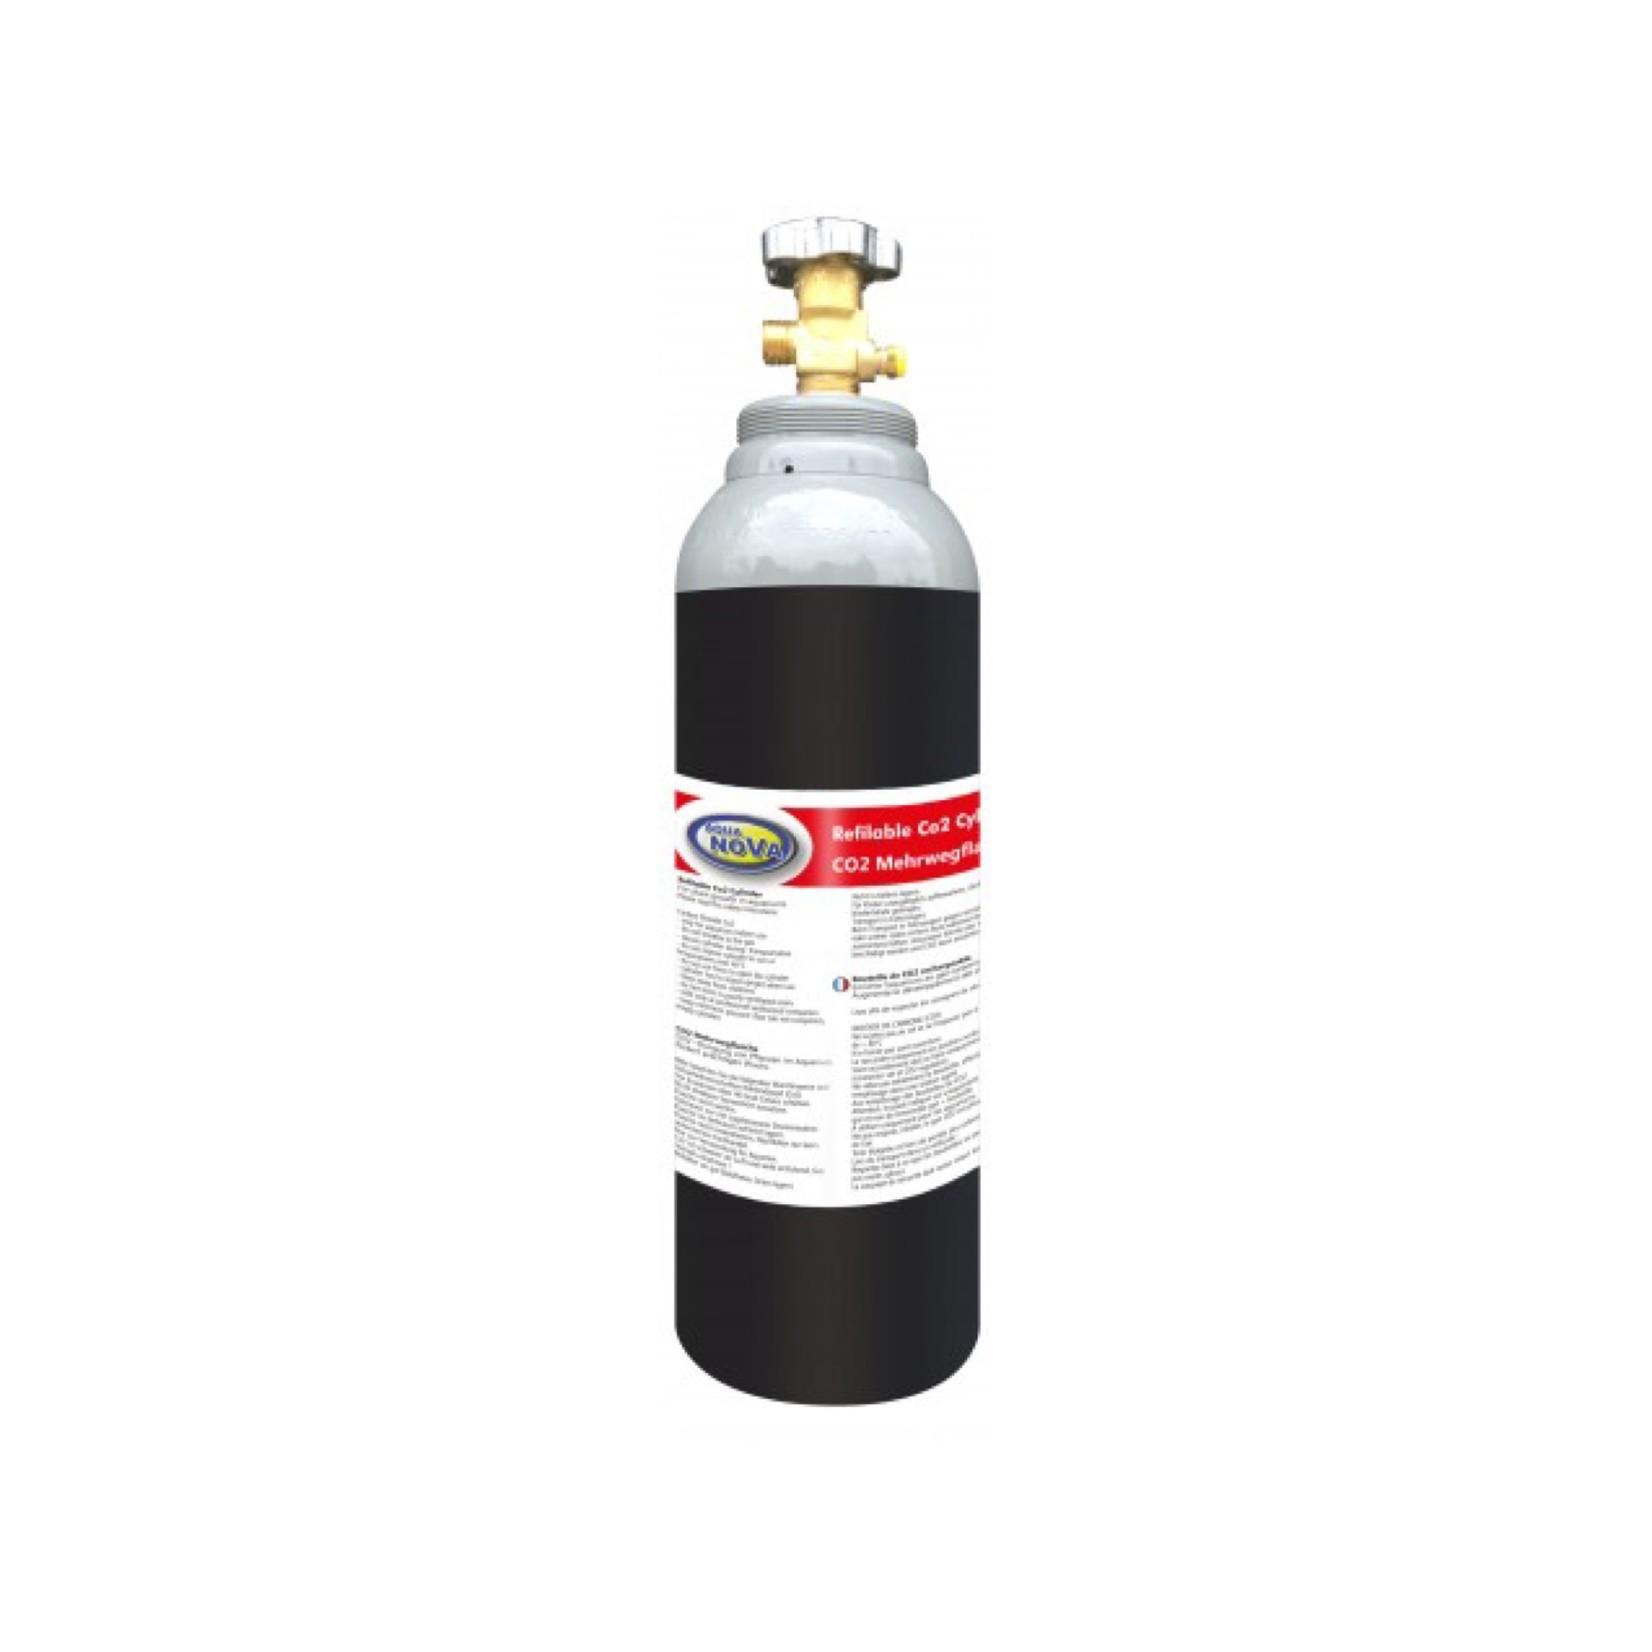 Aqua Nova Hervulbare CO2-cilinder